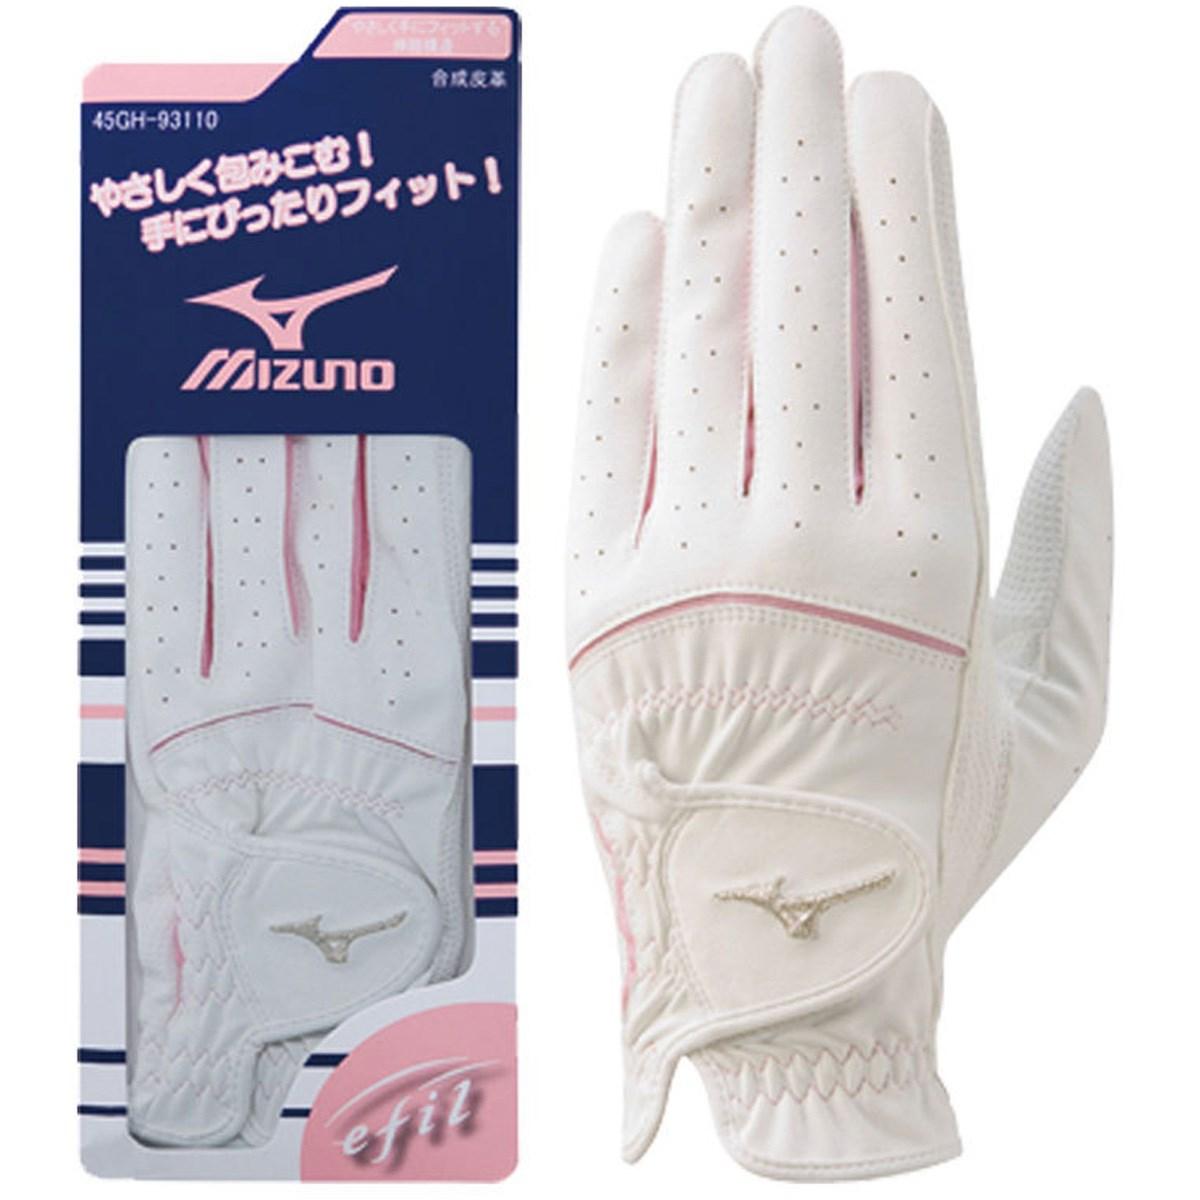 ミズノ MIZUNO efil グローブ 45GH93110 10枚セット 18cm 左手着用(右利き用) ホワイト/ピンク レディス